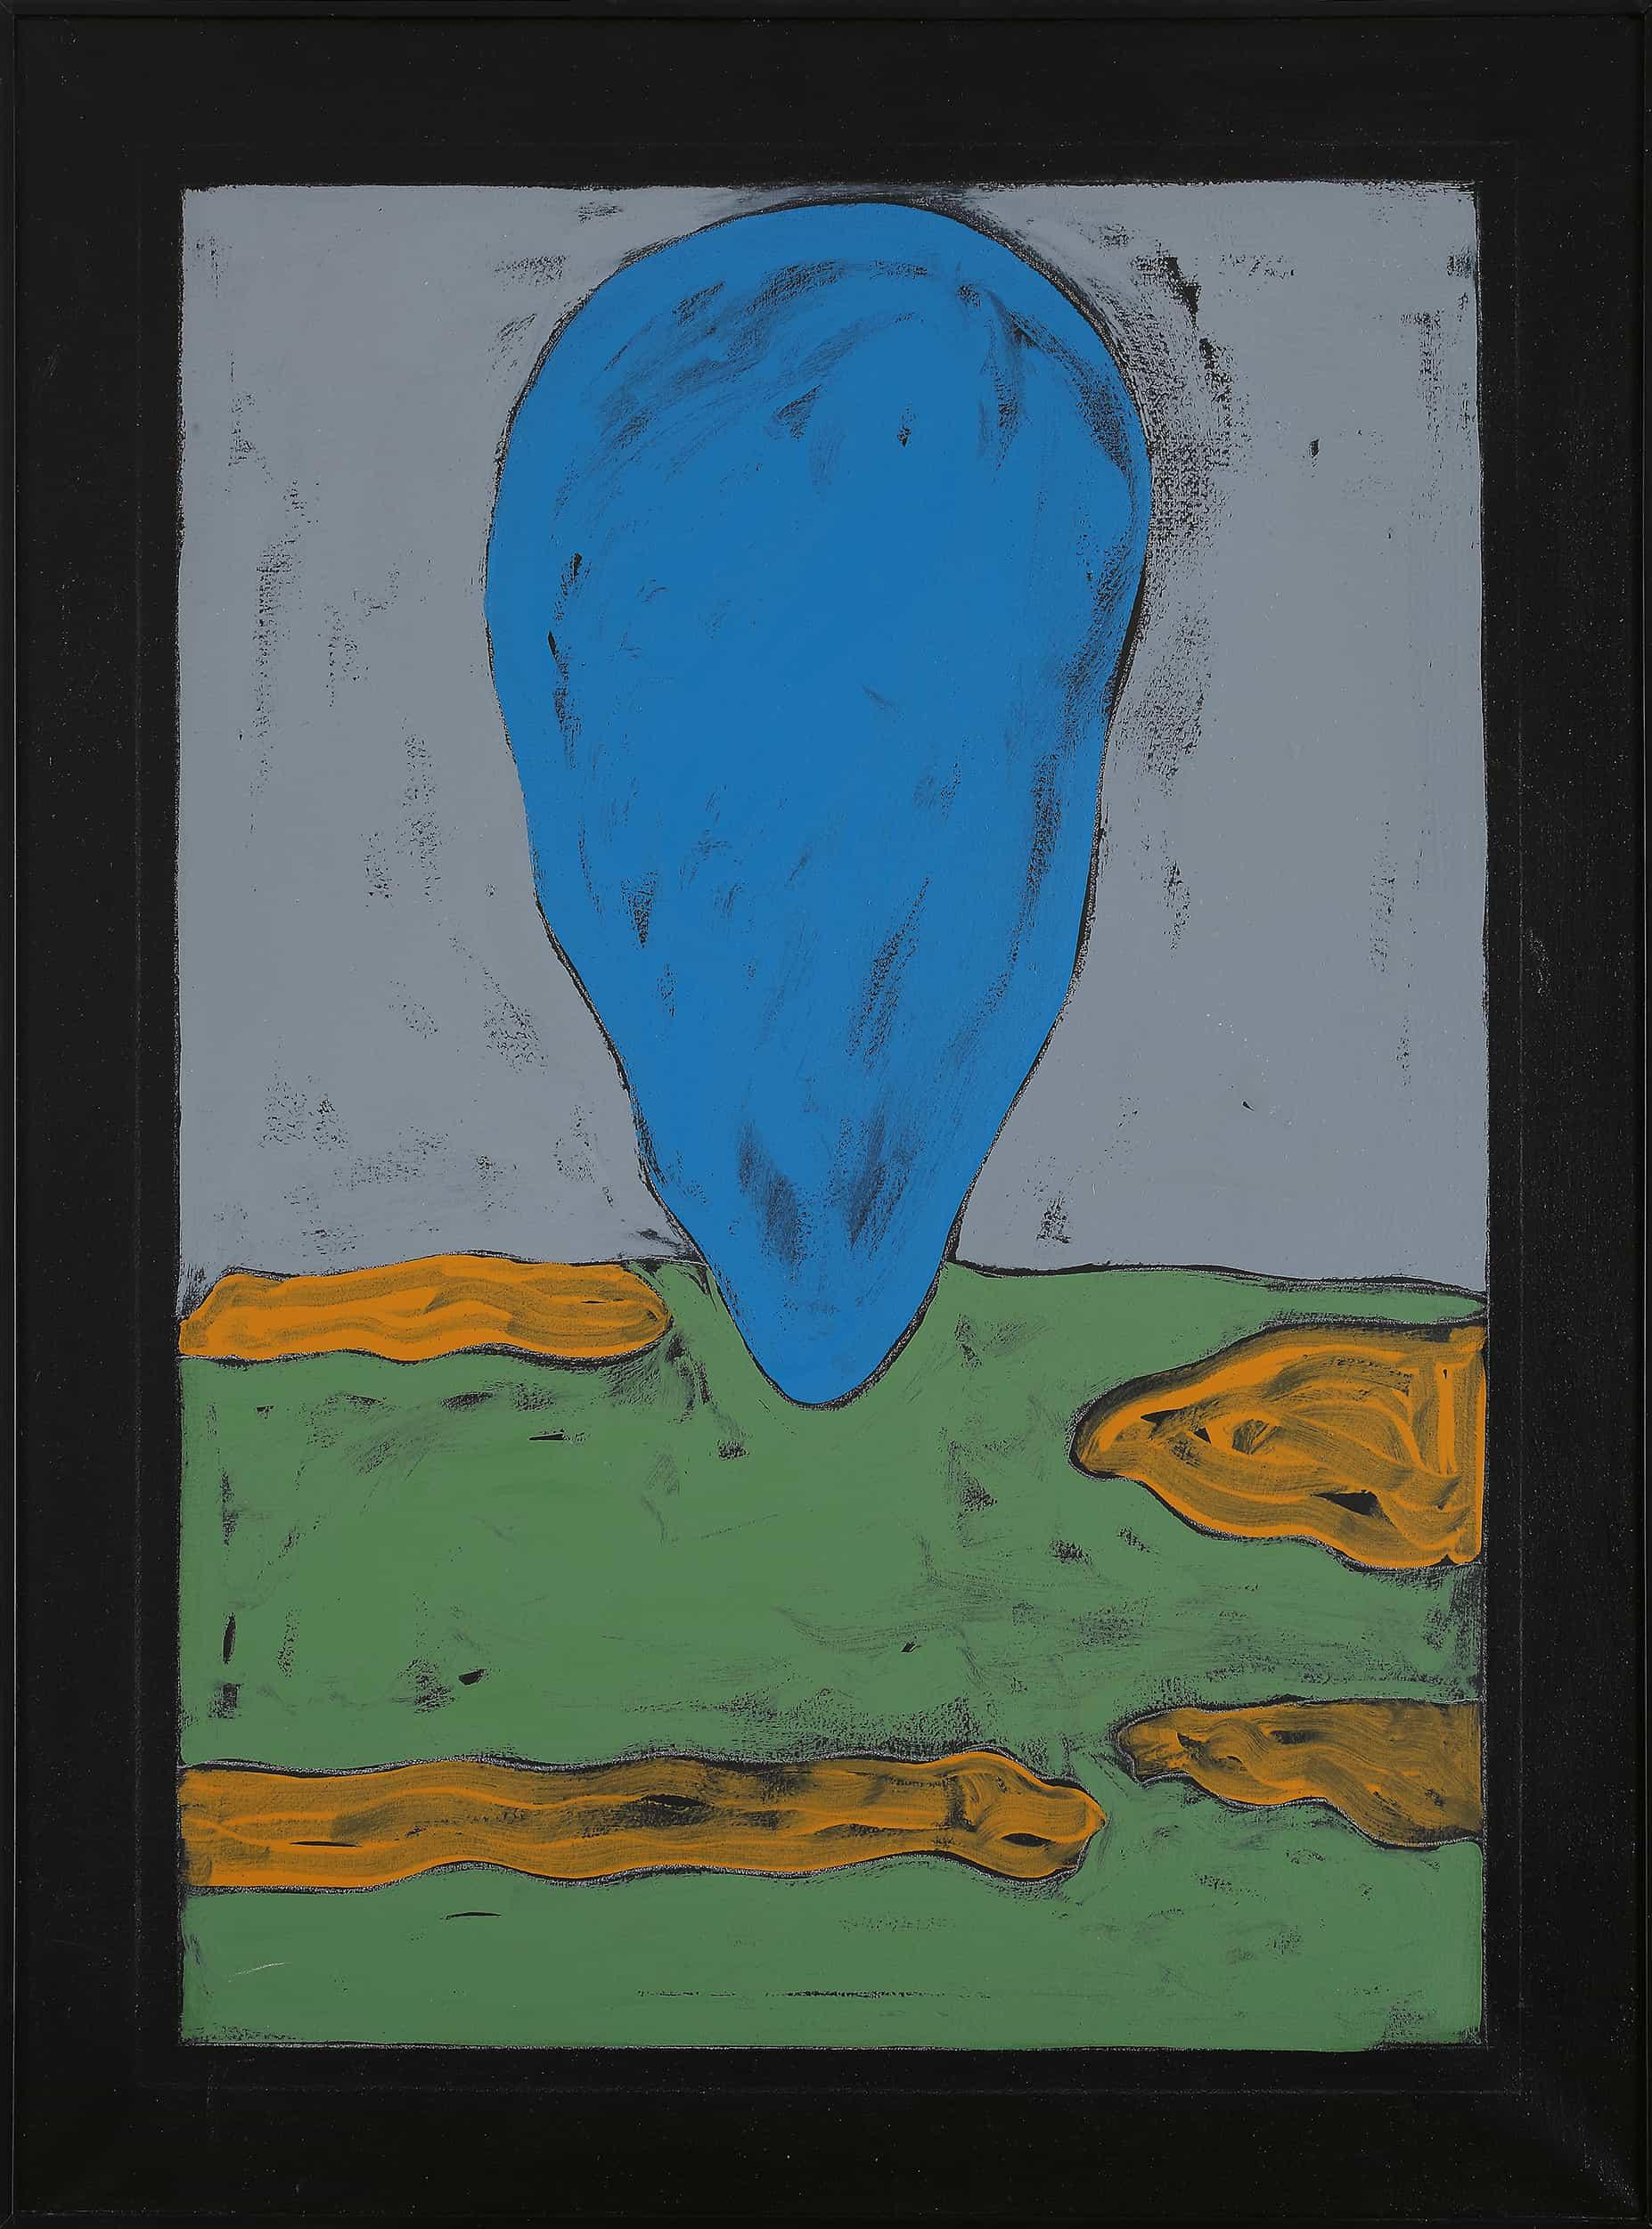 Tano Festa - Paesaggio senza luce, 1976 acrilico su tela, cm 80x60